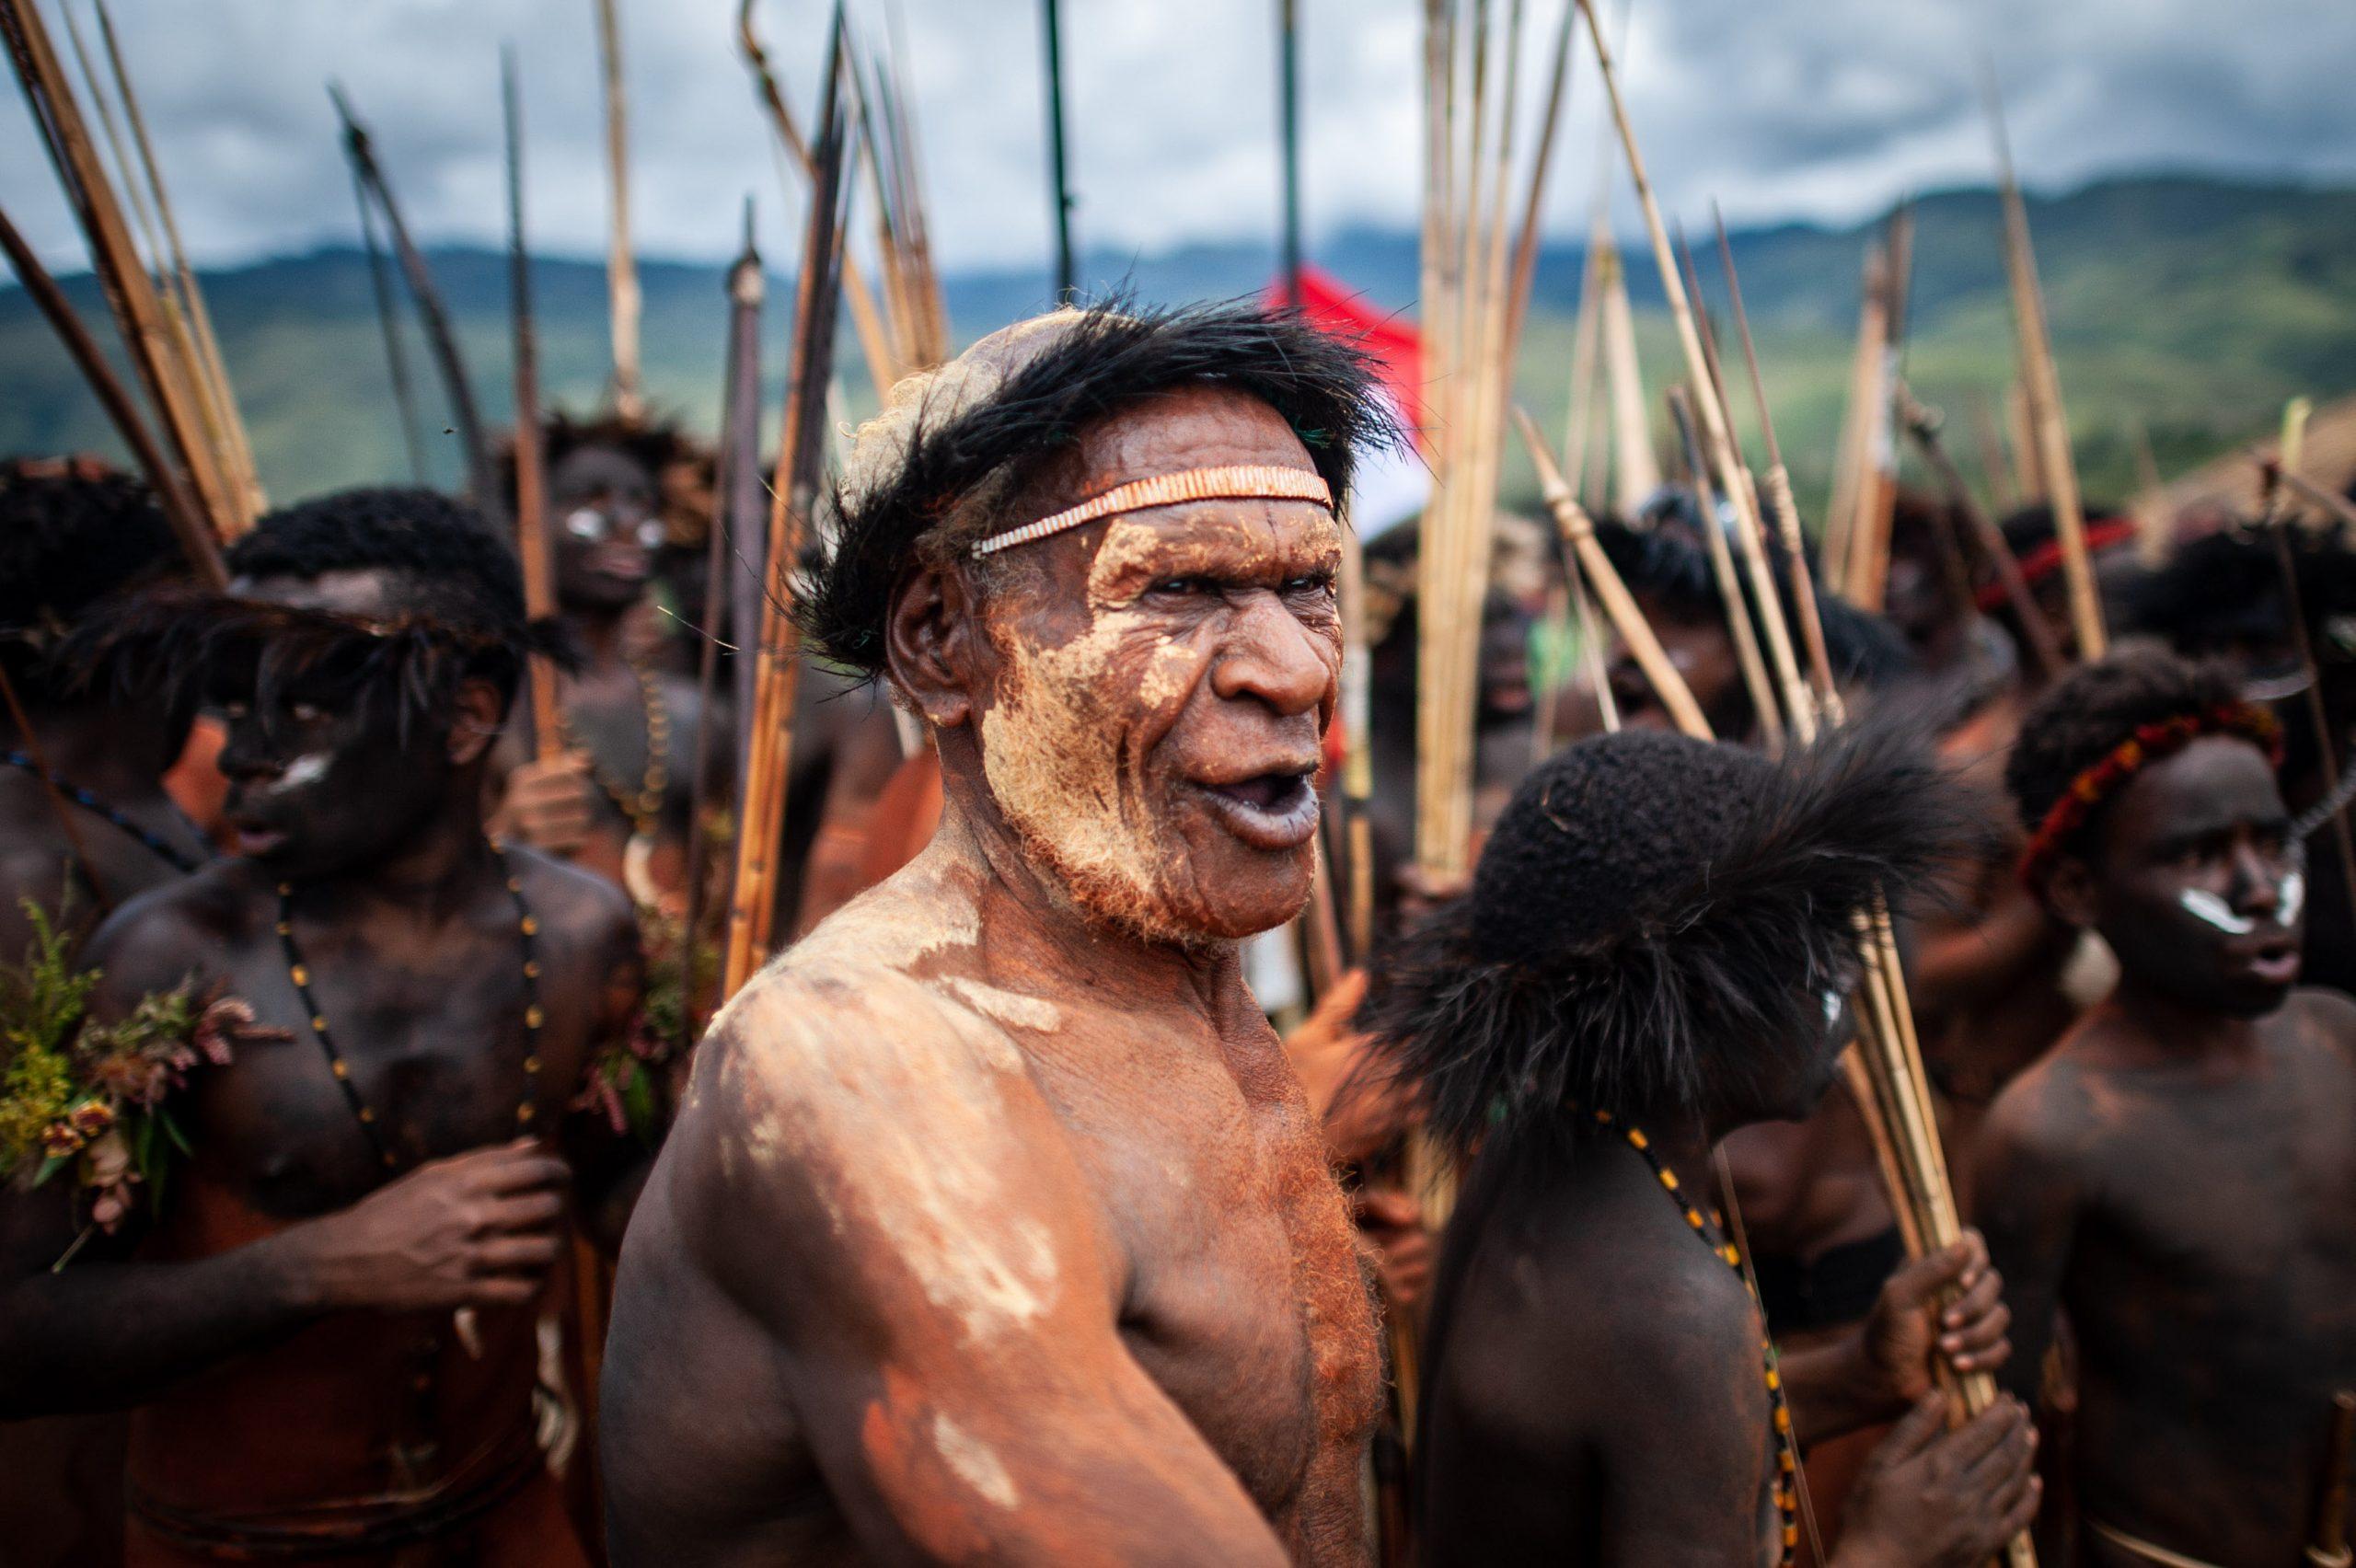 них, возможно, на фотографии австралийские аборигены добывают огонь зрительно